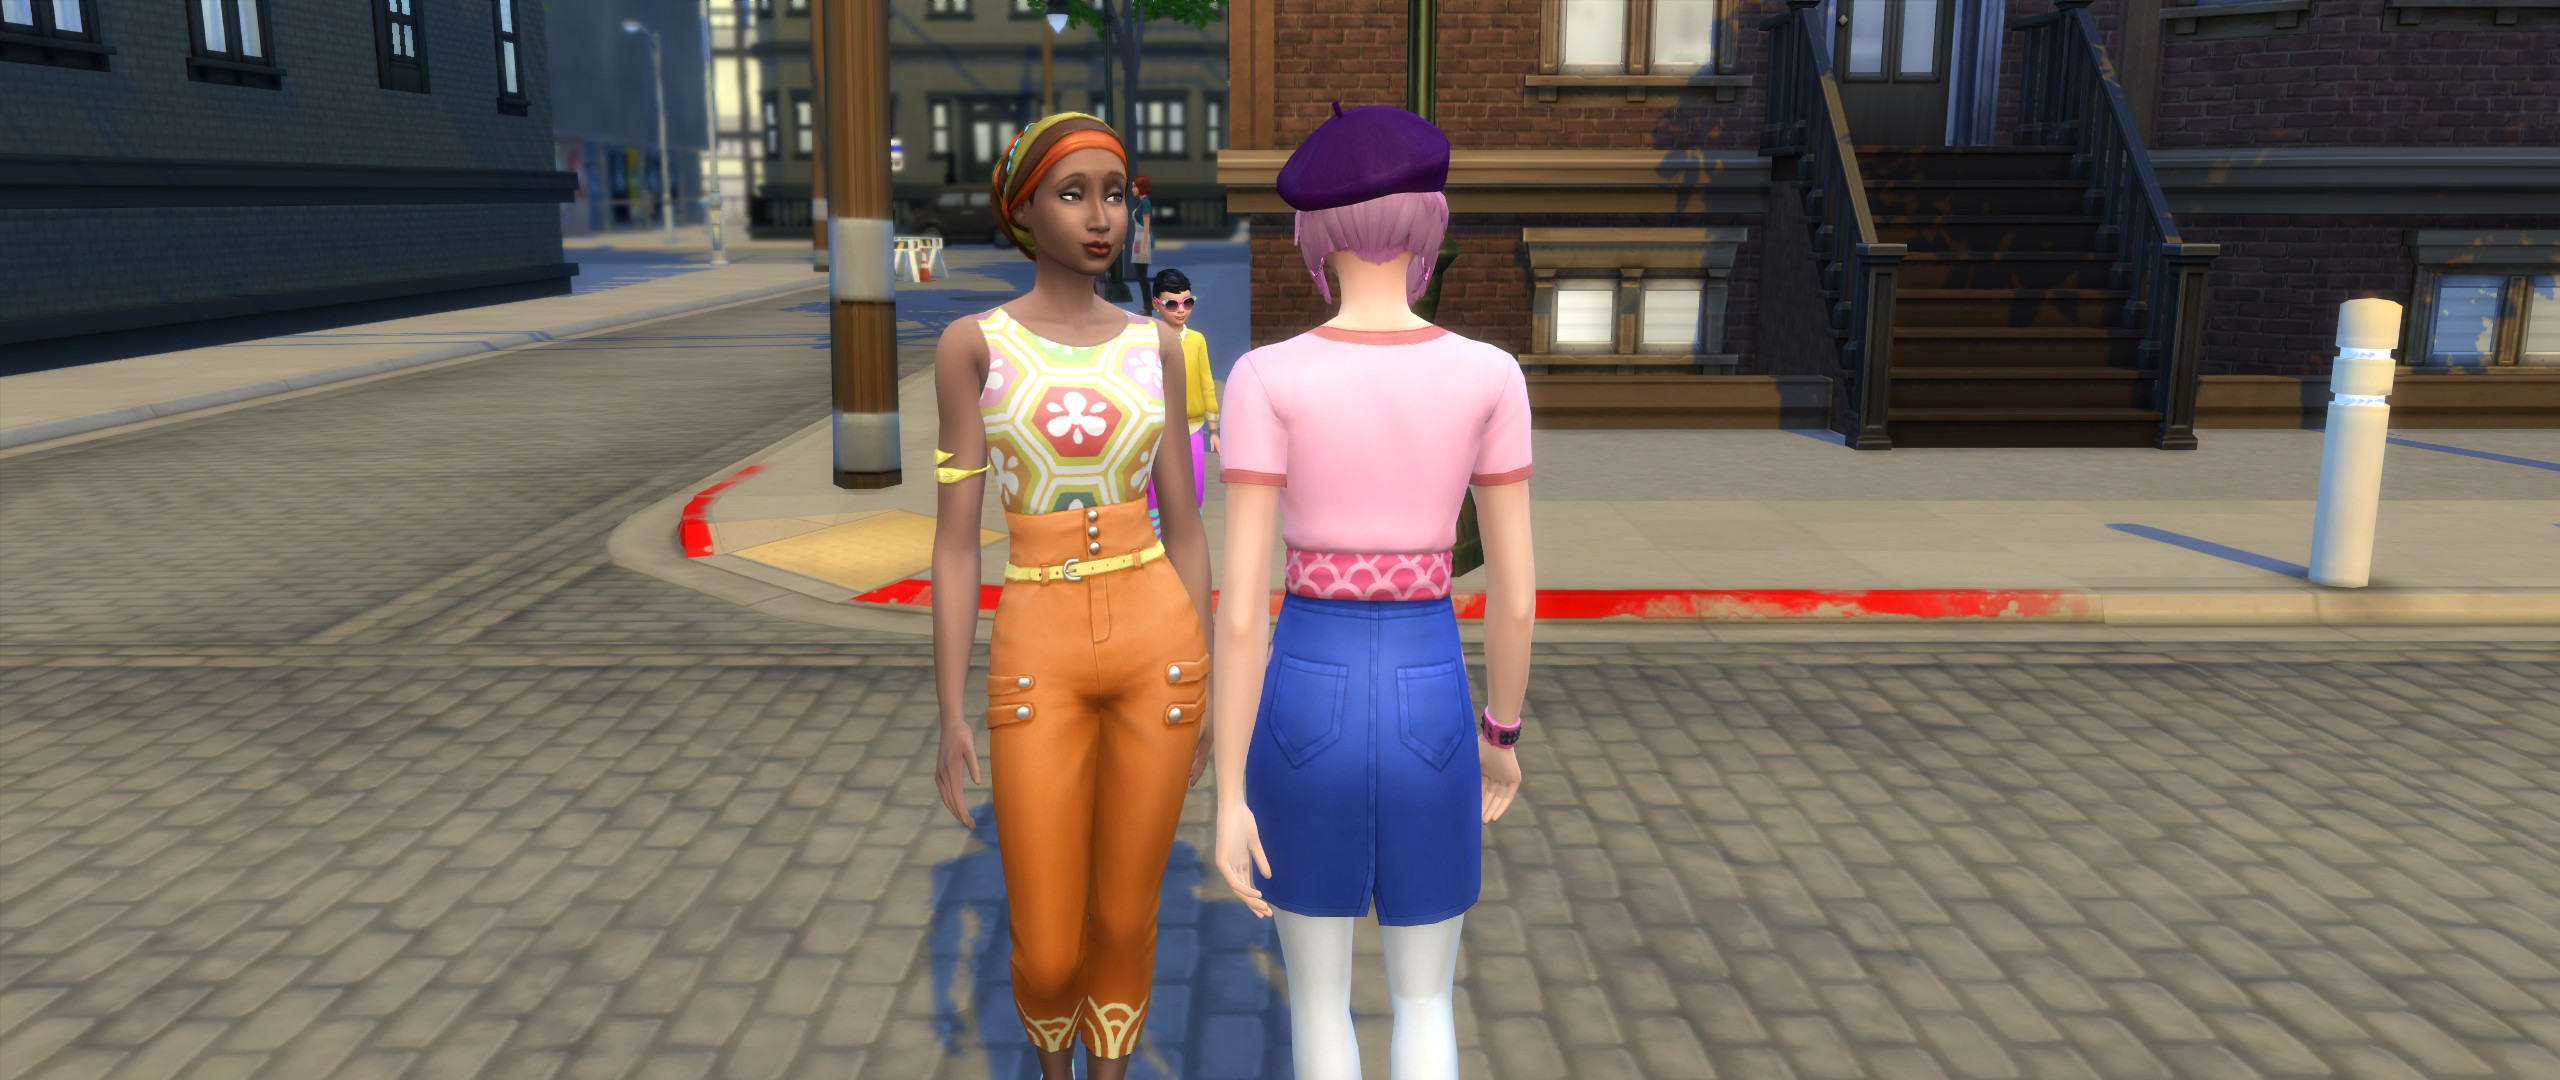 Przegląd The Sims 4 Miejskie życie Cas Dotsim